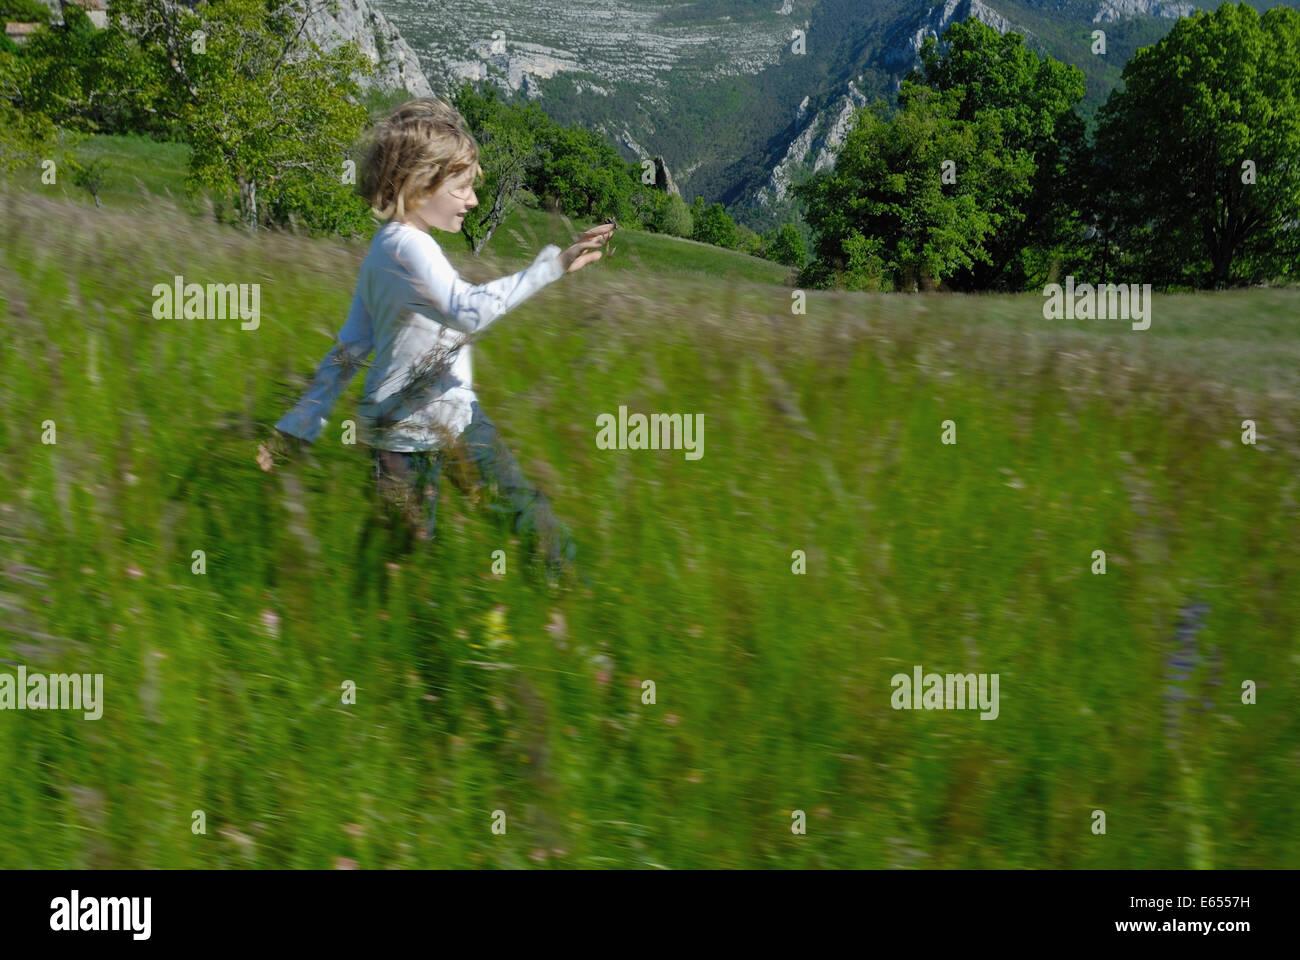 93422bec2e47fb Kleines Mädchen läuft durch eine Wiese Stockfoto